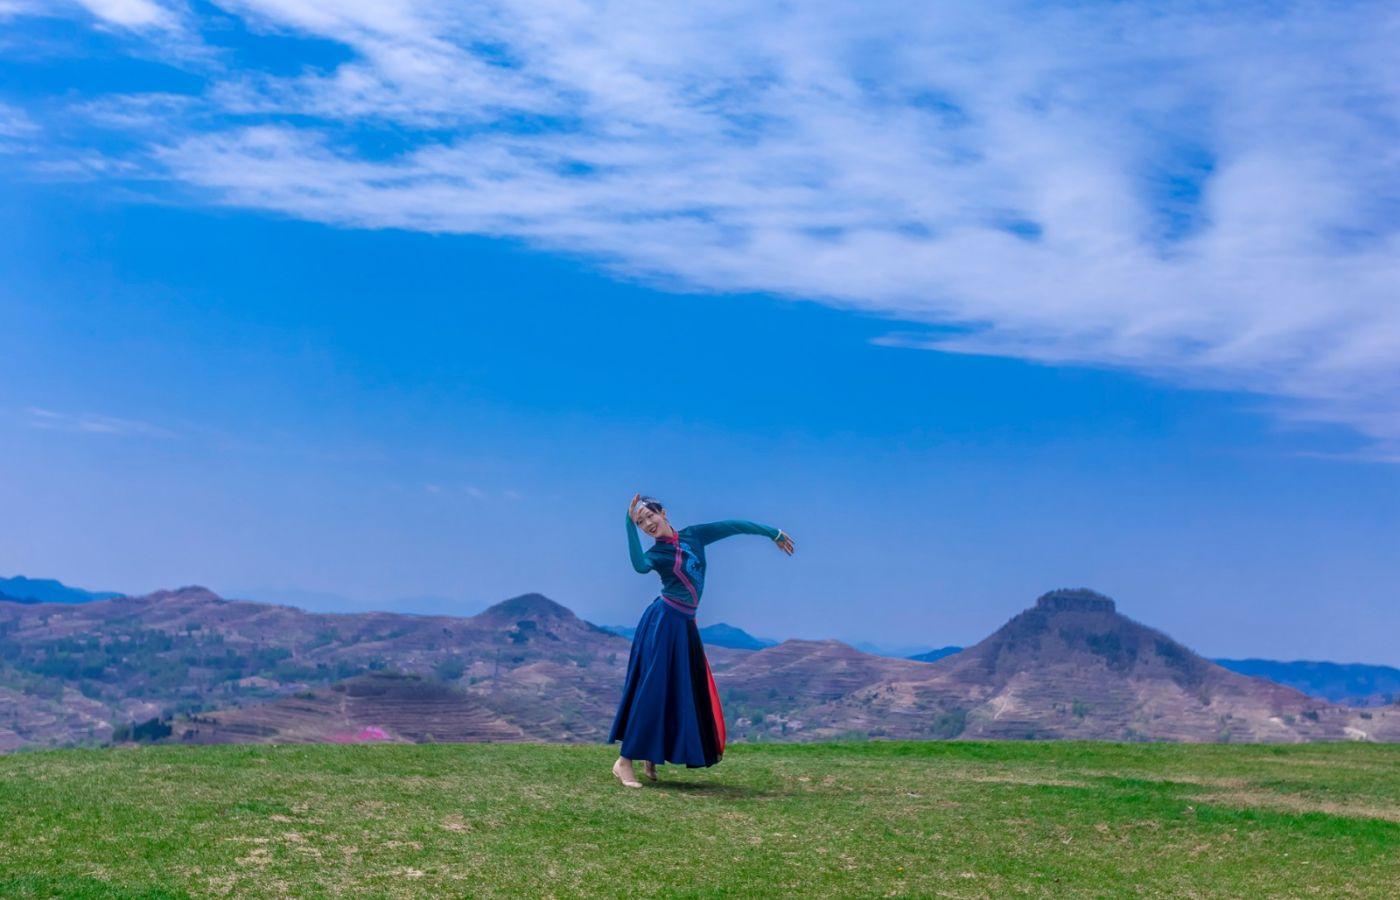 崮上草原有位女孩在翩翩起舞 她要和你邂逅在崮上花开的季节 ..._图1-8